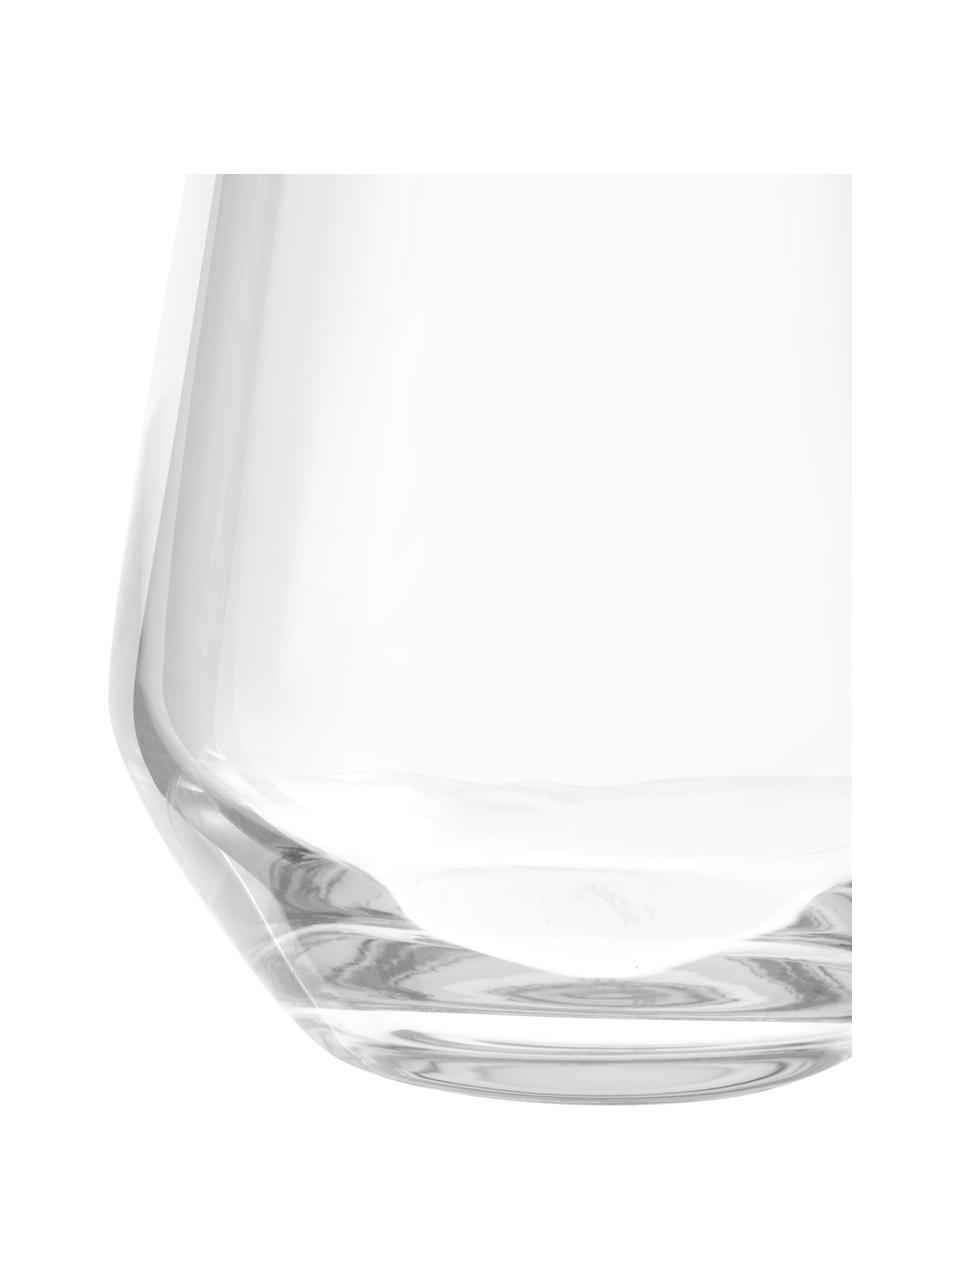 Bicchiere acqua in cristallo Revolution 6 pz, Cristallo, Trasparente, Ø 9 x Alt. 11 cm